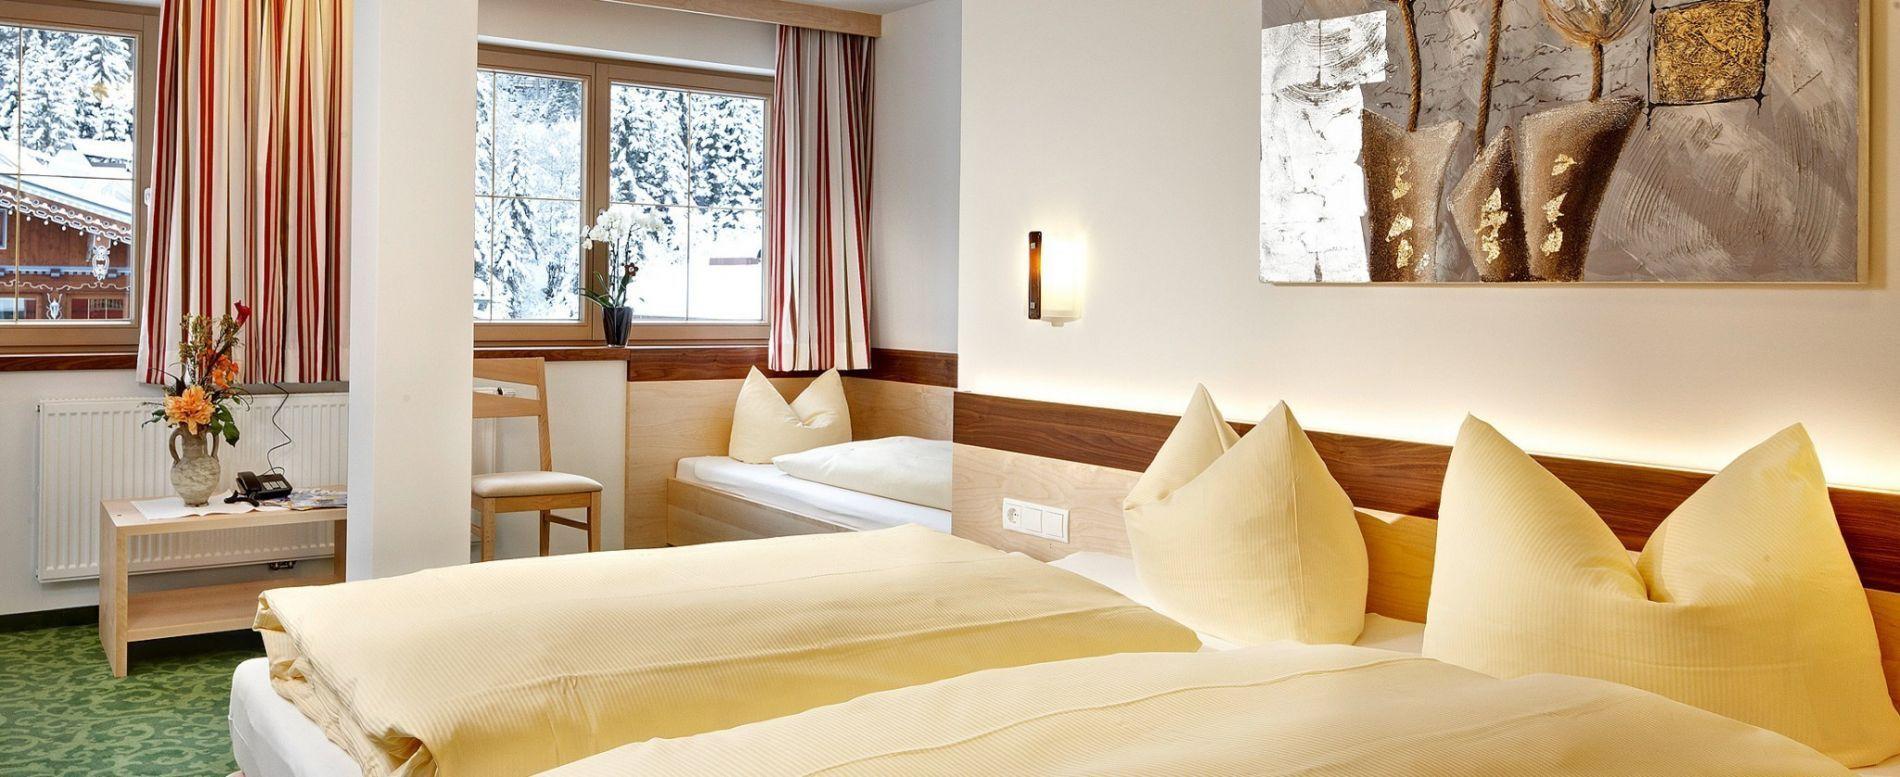 Zimmer & Preise - Hotel Sonnenhof ihr Ski Hotel im Zentrum von Gerlos